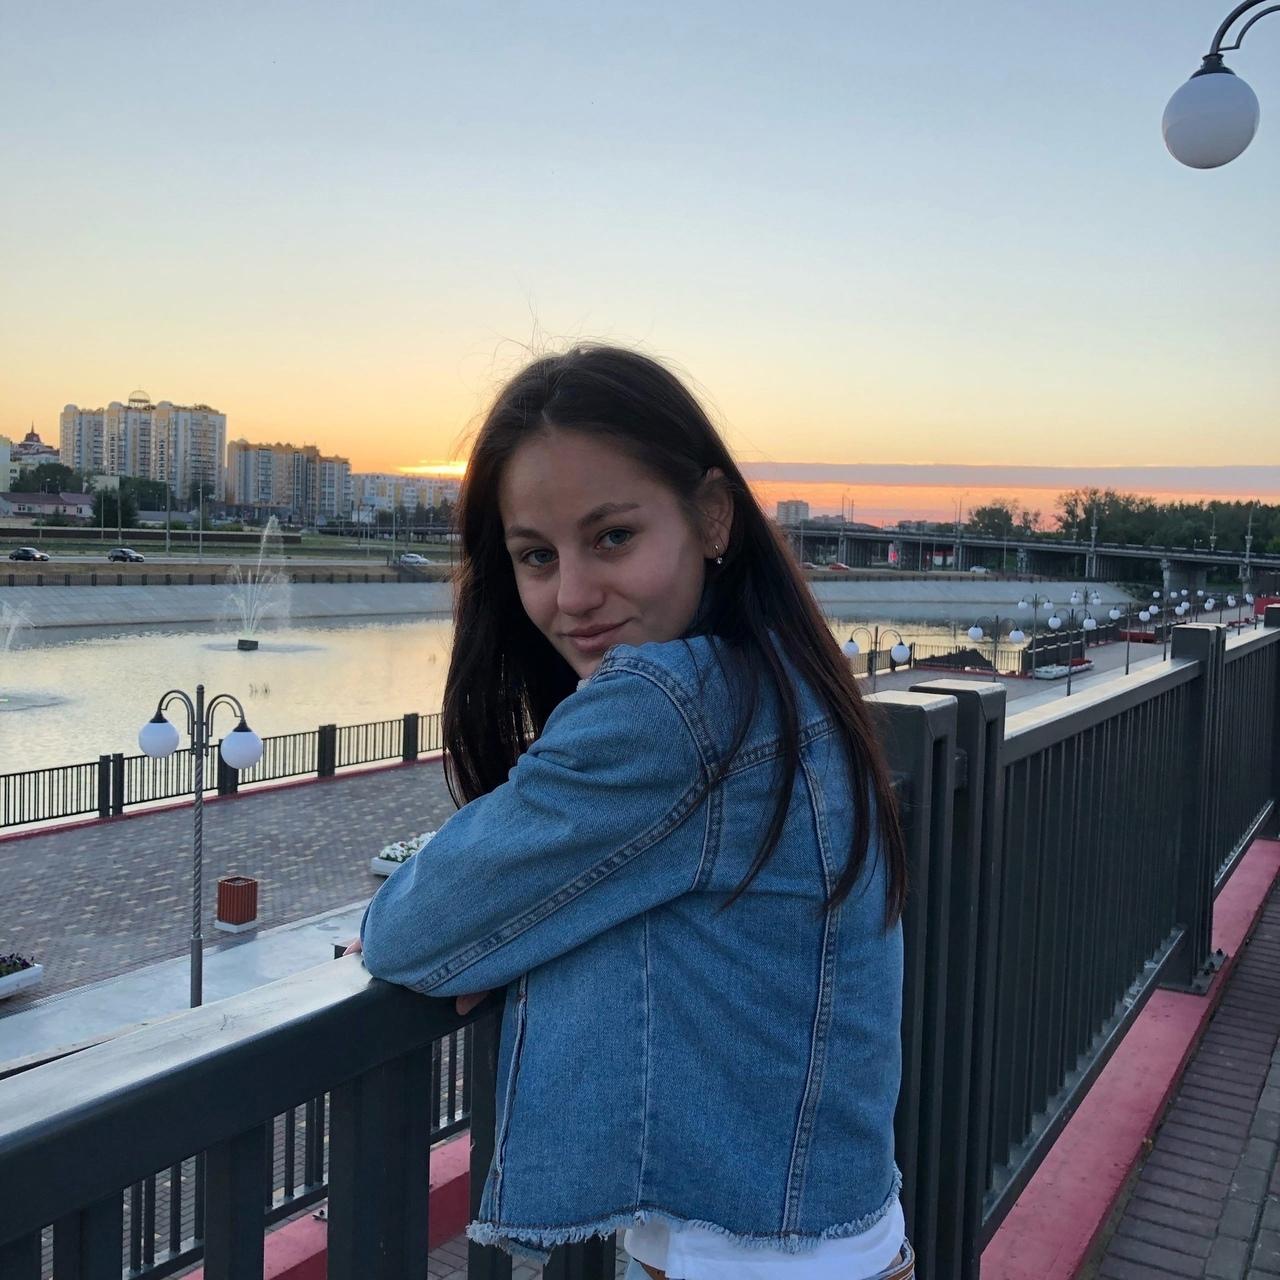 Можгинка [id135958746 Эльвира Хасанова] выступит на Олимпийских играх